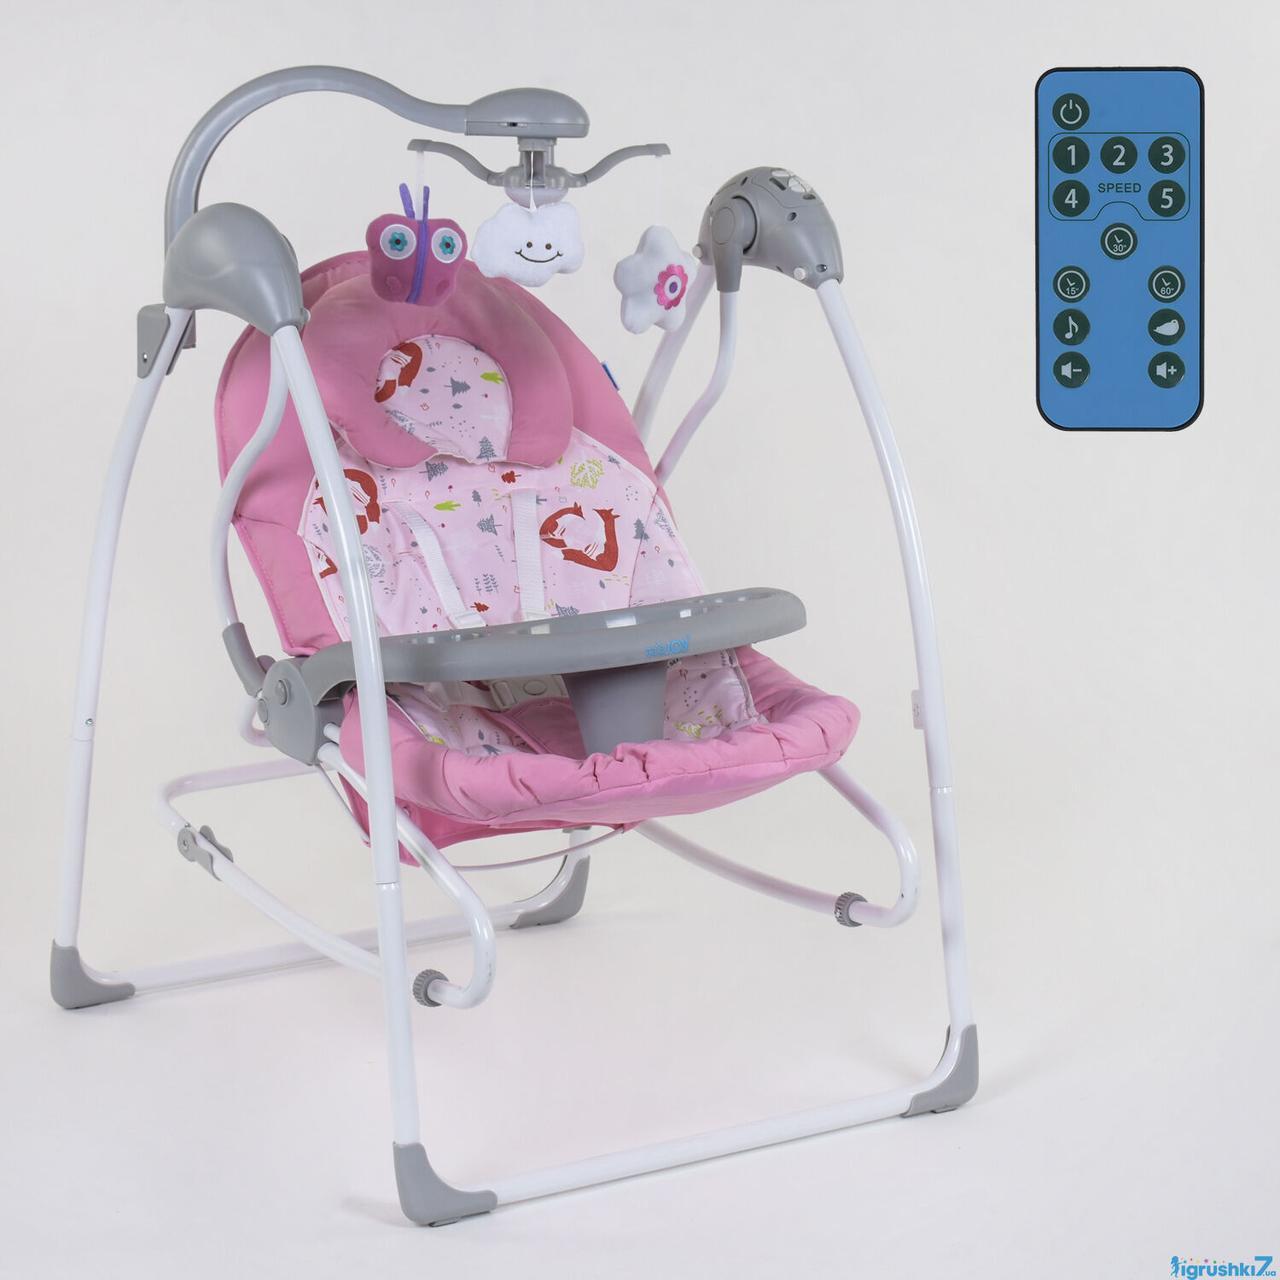 Детская электро-качель шезлонг Jоу 3в1 СХ-60680